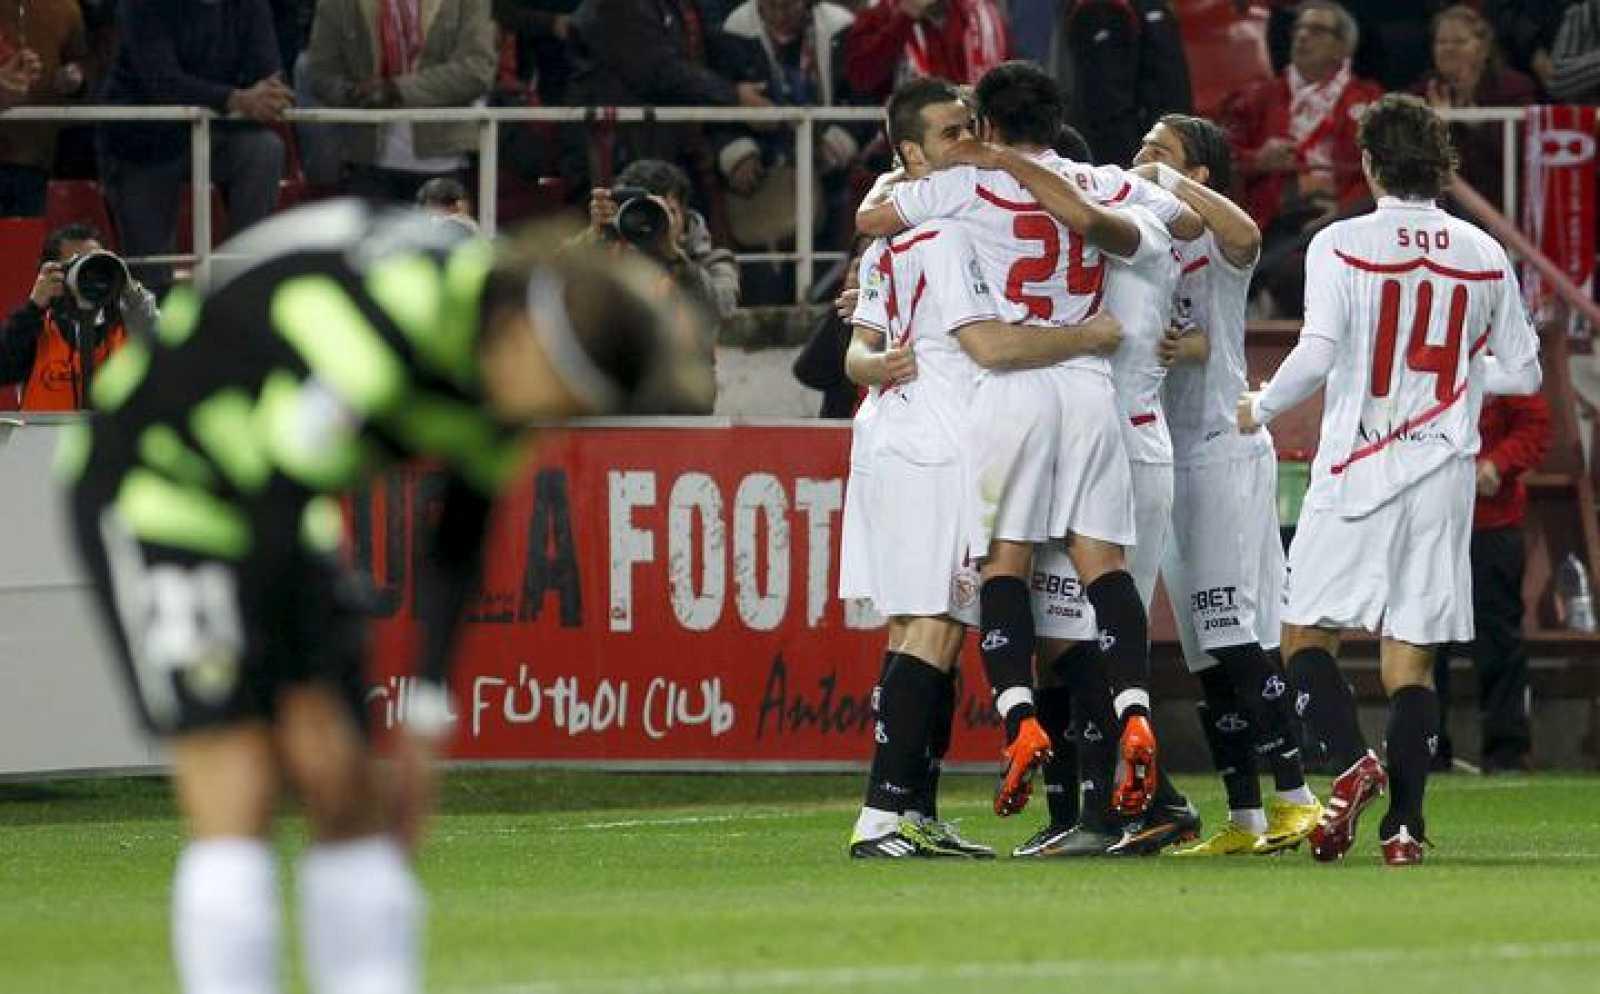 Varios jugadores del Sevilla celebran el gol que ha marcado su compañero croata Ivan Rakitic al Hércules